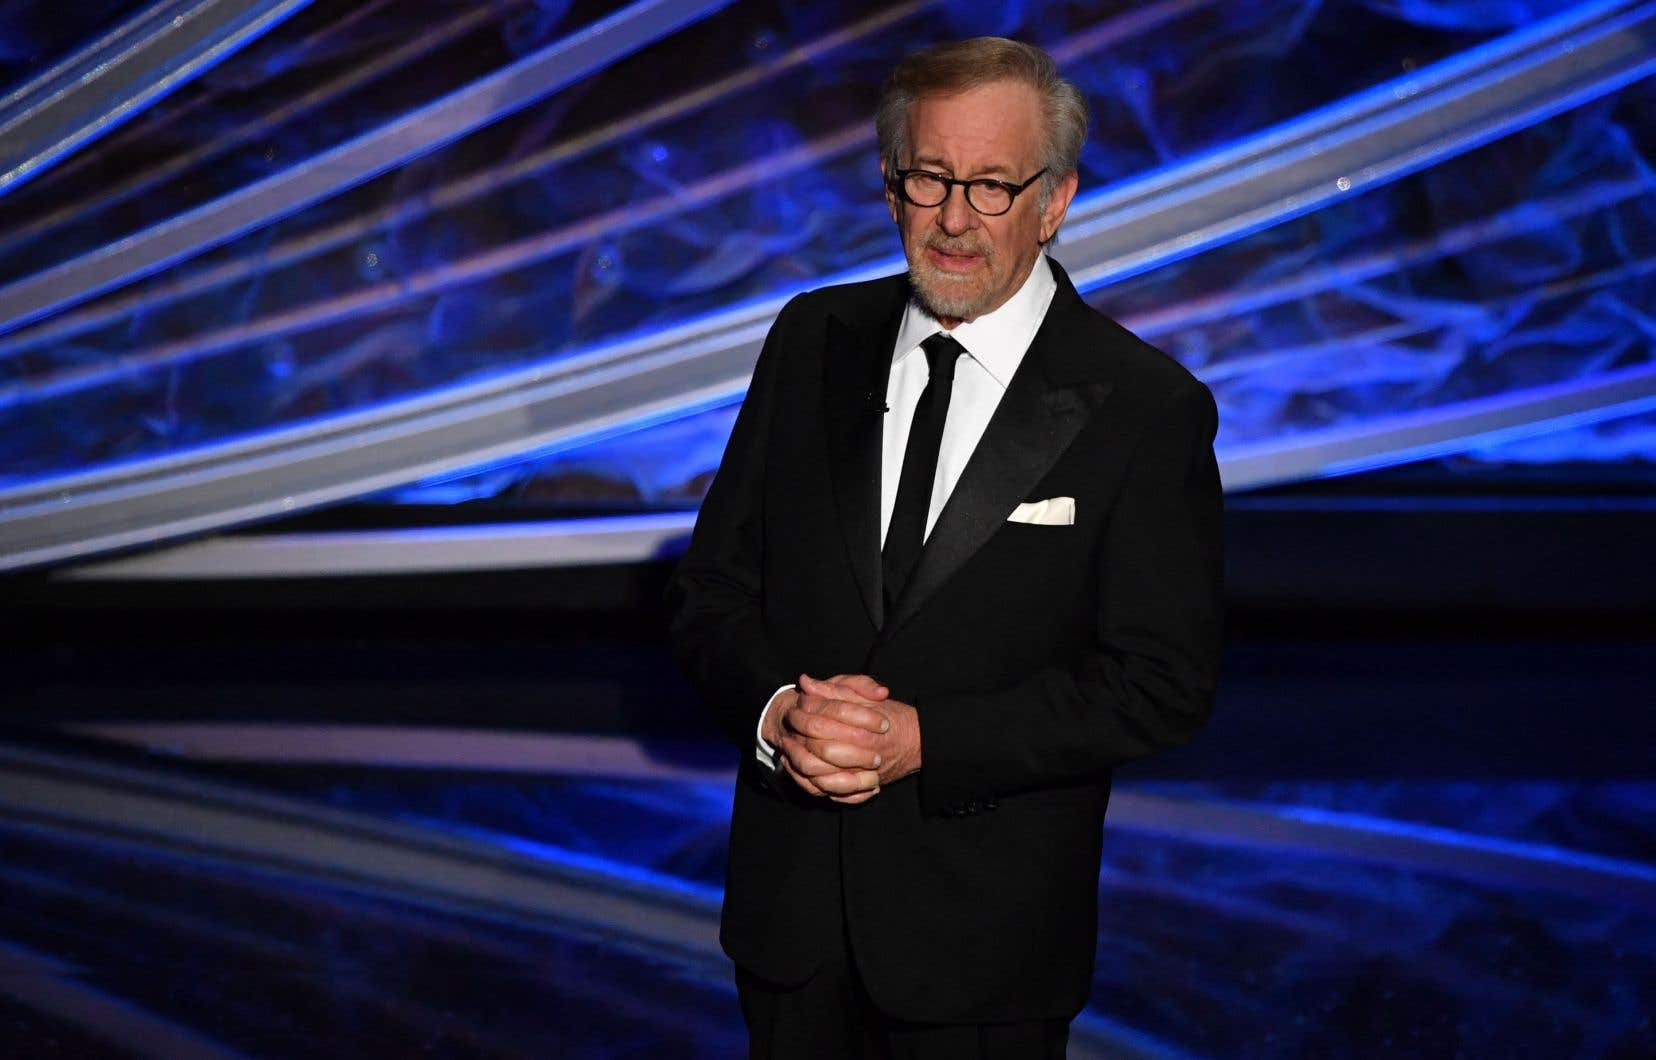 L'accord passé entre Amblin et Netflix marque un tournant pour Steven Spielberg, qui a longtemps été assez critique du streaming.